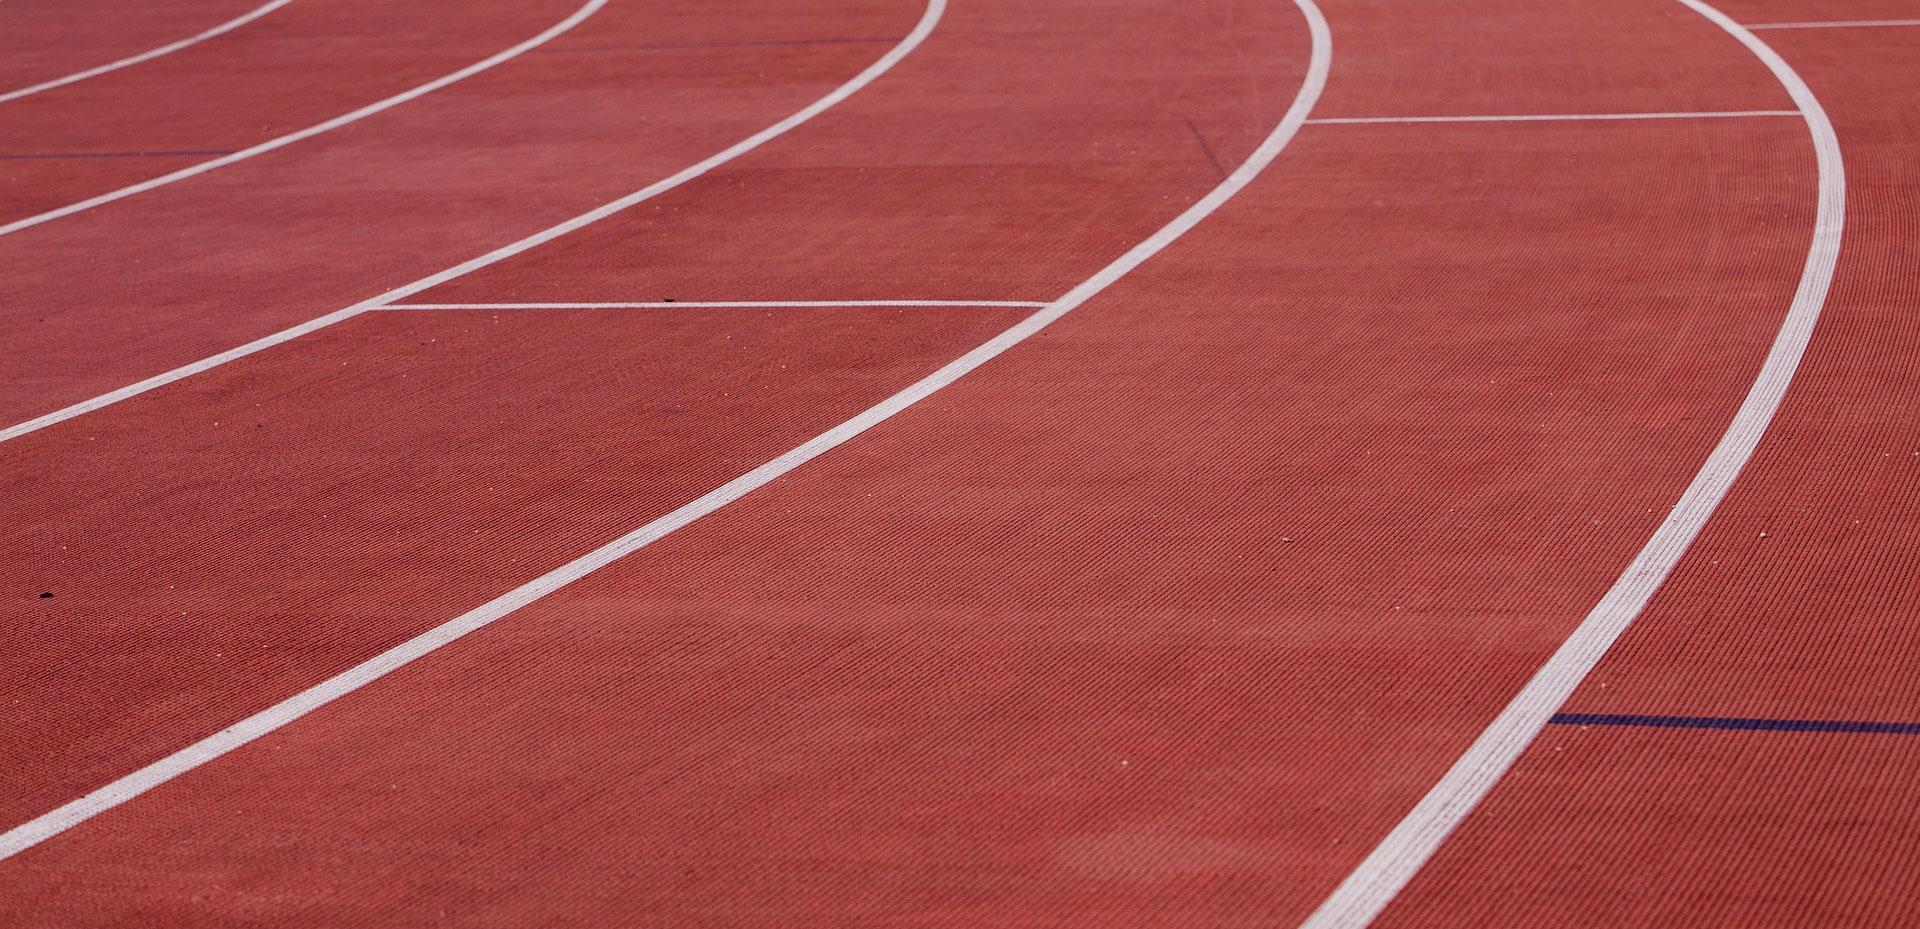 Смотреть виды тренировок